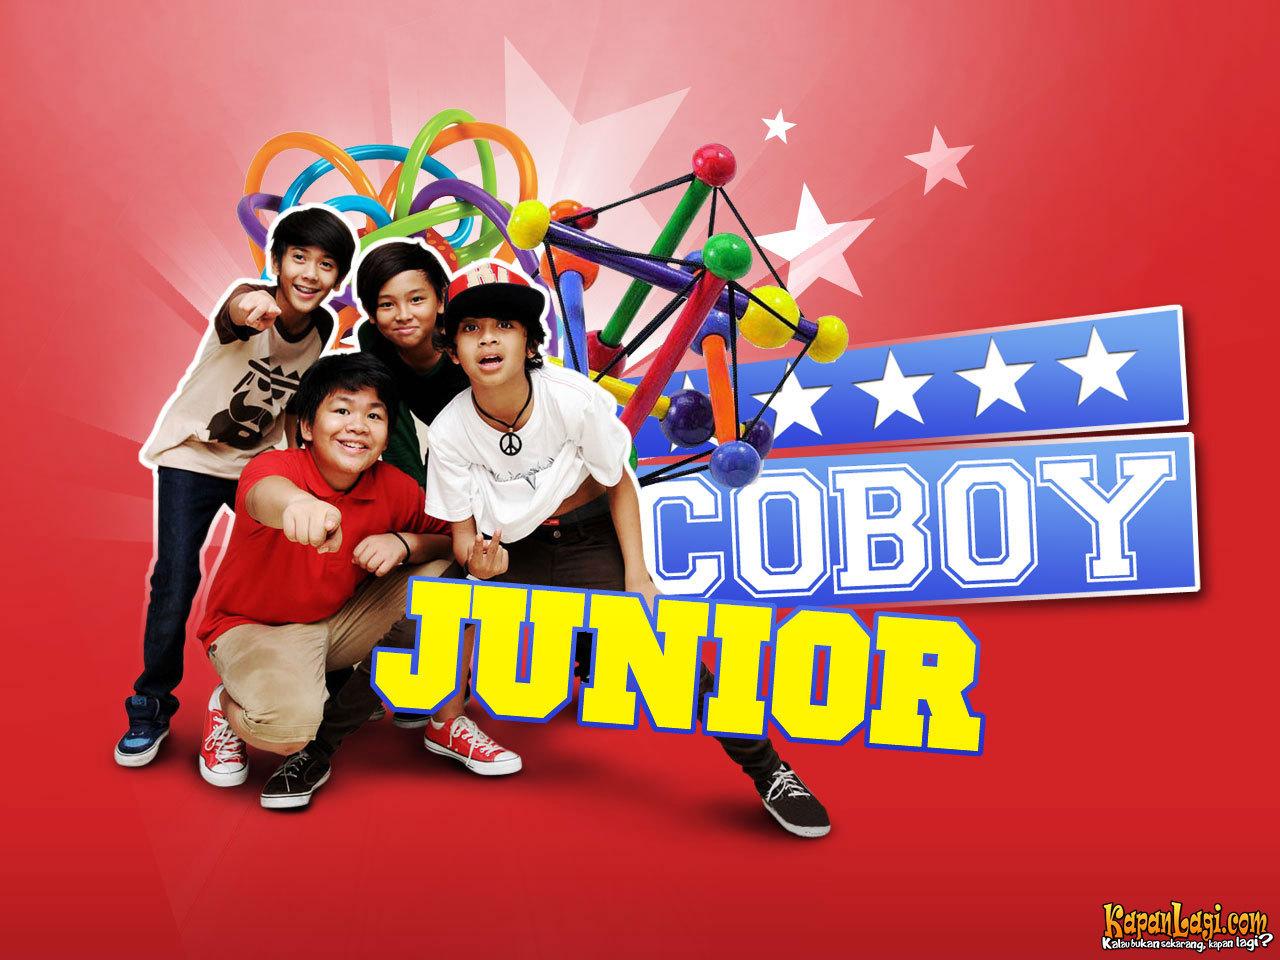 http://4.bp.blogspot.com/-8rmDKpUNvNg/UP9XrGm-u-I/AAAAAAAACoo/kEIxtiL0_Ww/s1600/coboy-junior-6043.jpg